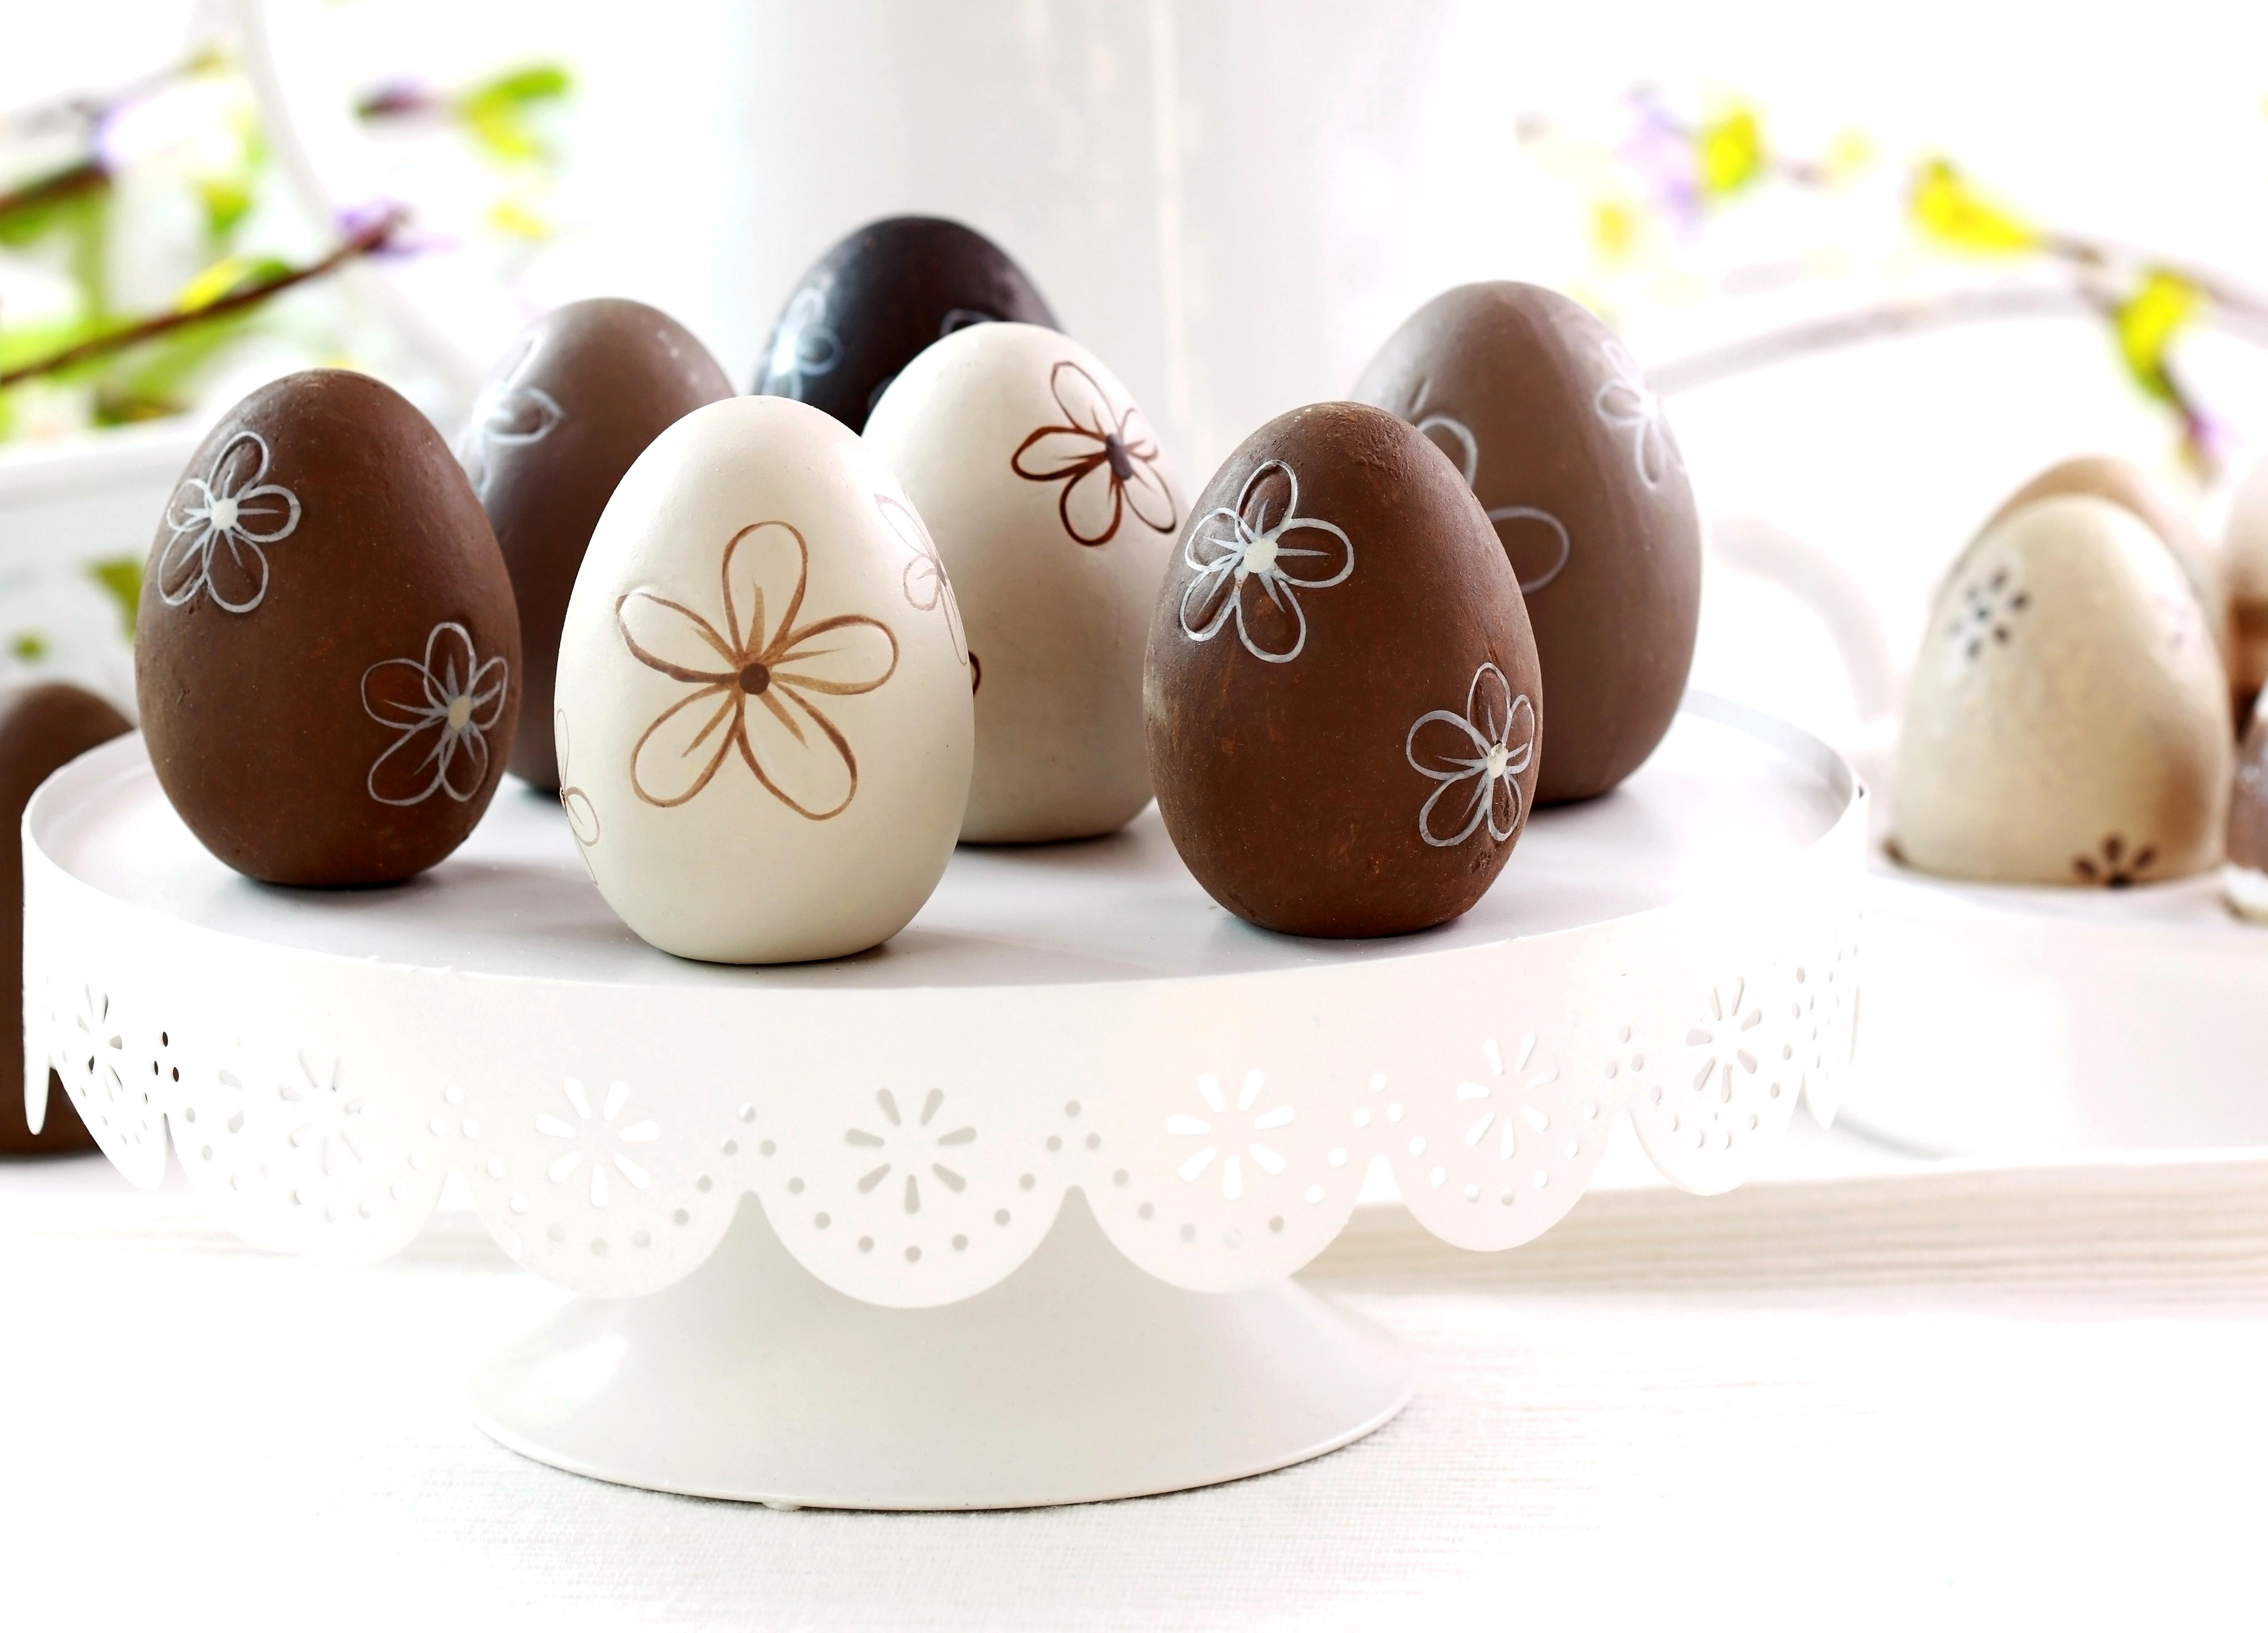 еда праздники яйца пасхальные пасха бесплатно